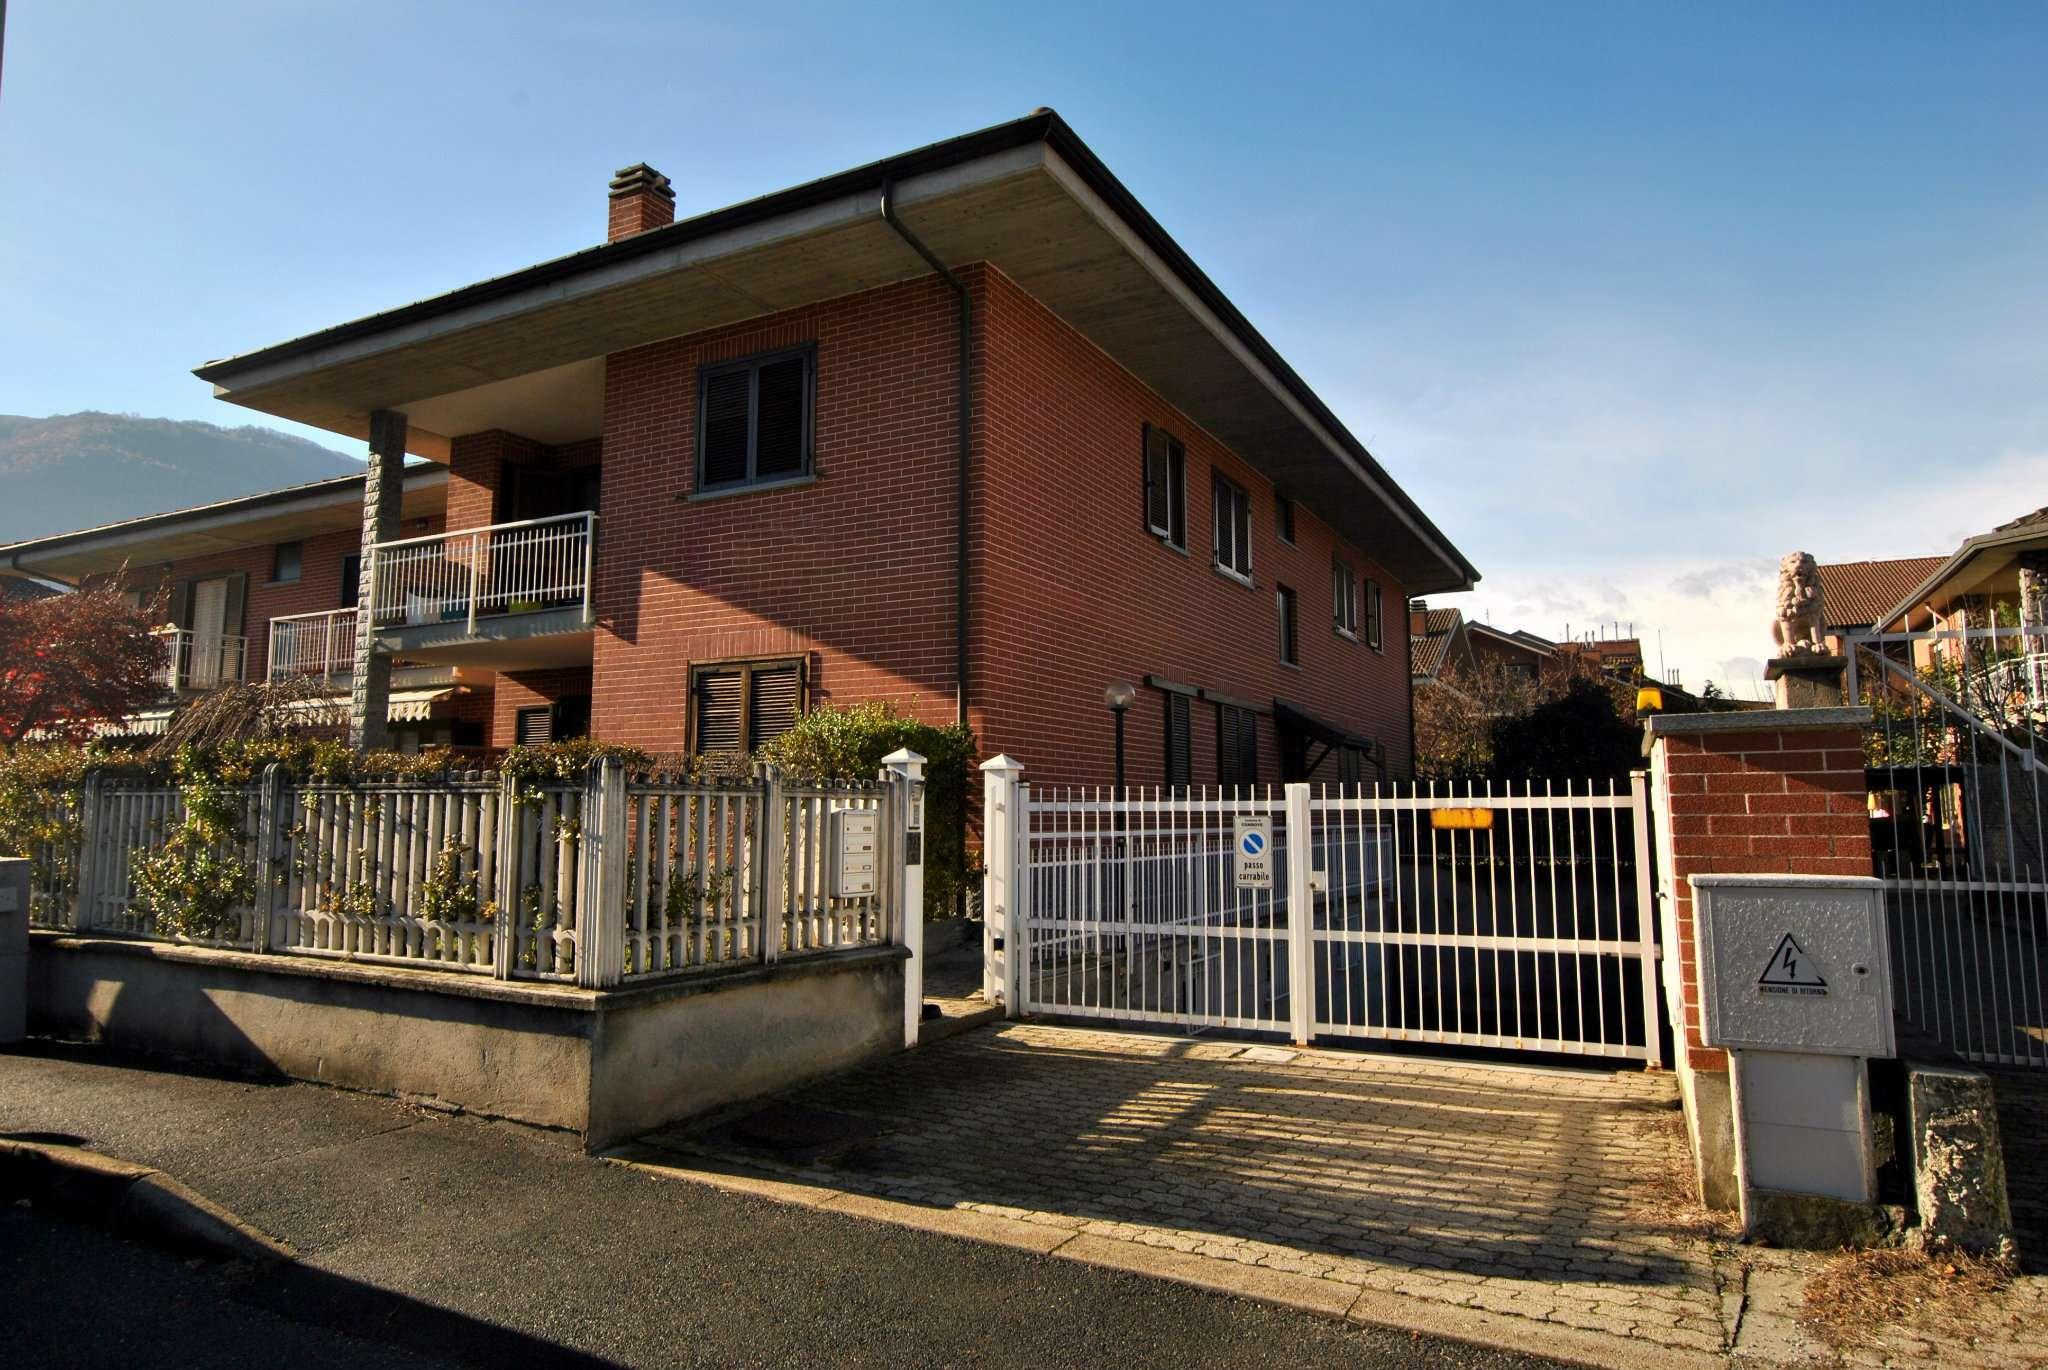 Appartamento in vendita a Condove, 3 locali, prezzo € 140.000 | CambioCasa.it